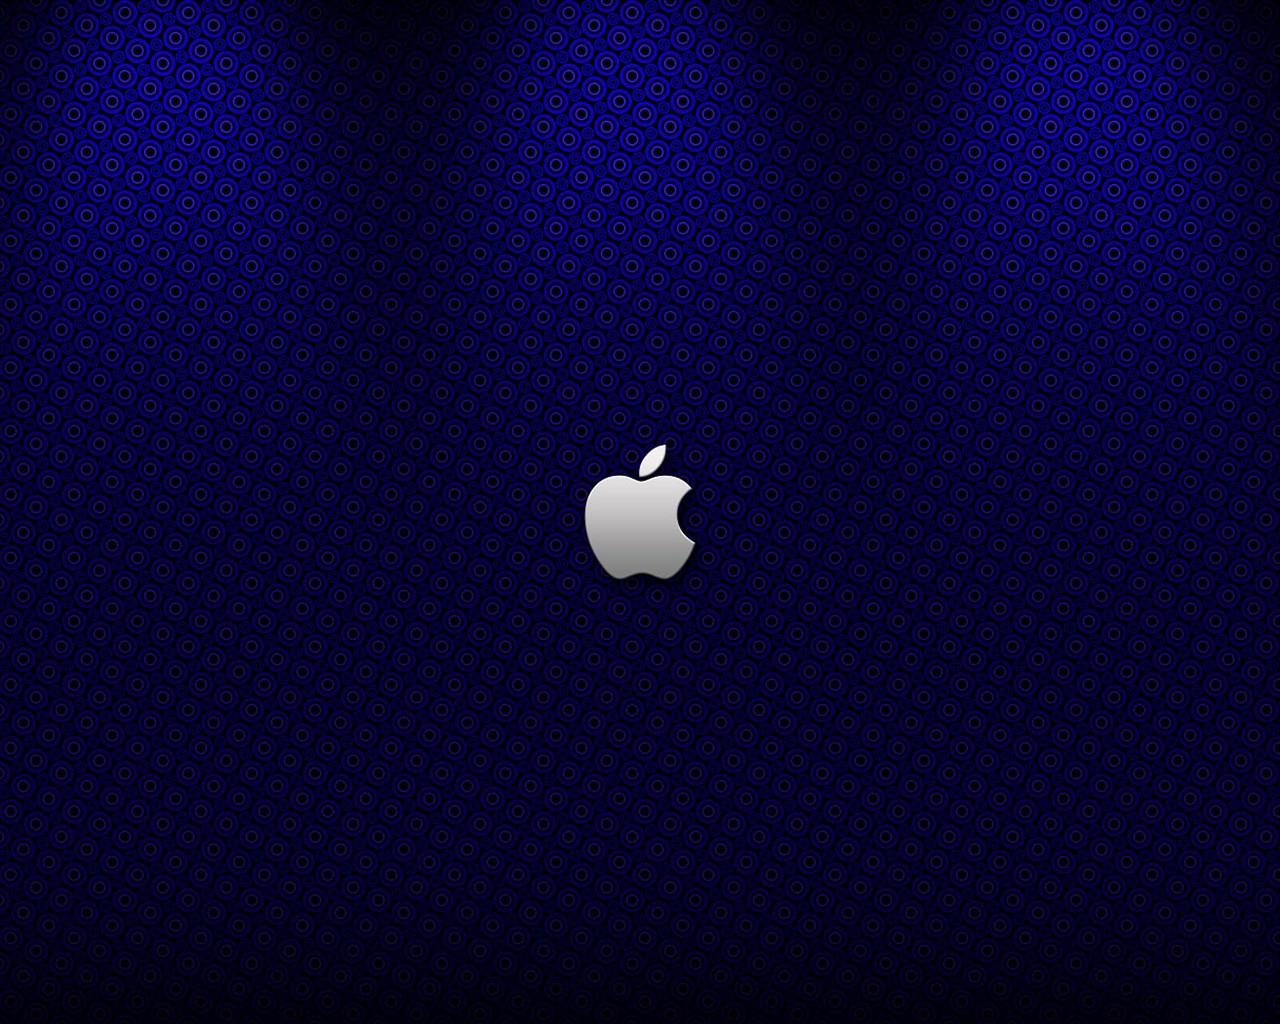 http://www.v3wall.com/wallpaper/1280_1024/0910/1280_1024_20091029101208449164.jpg